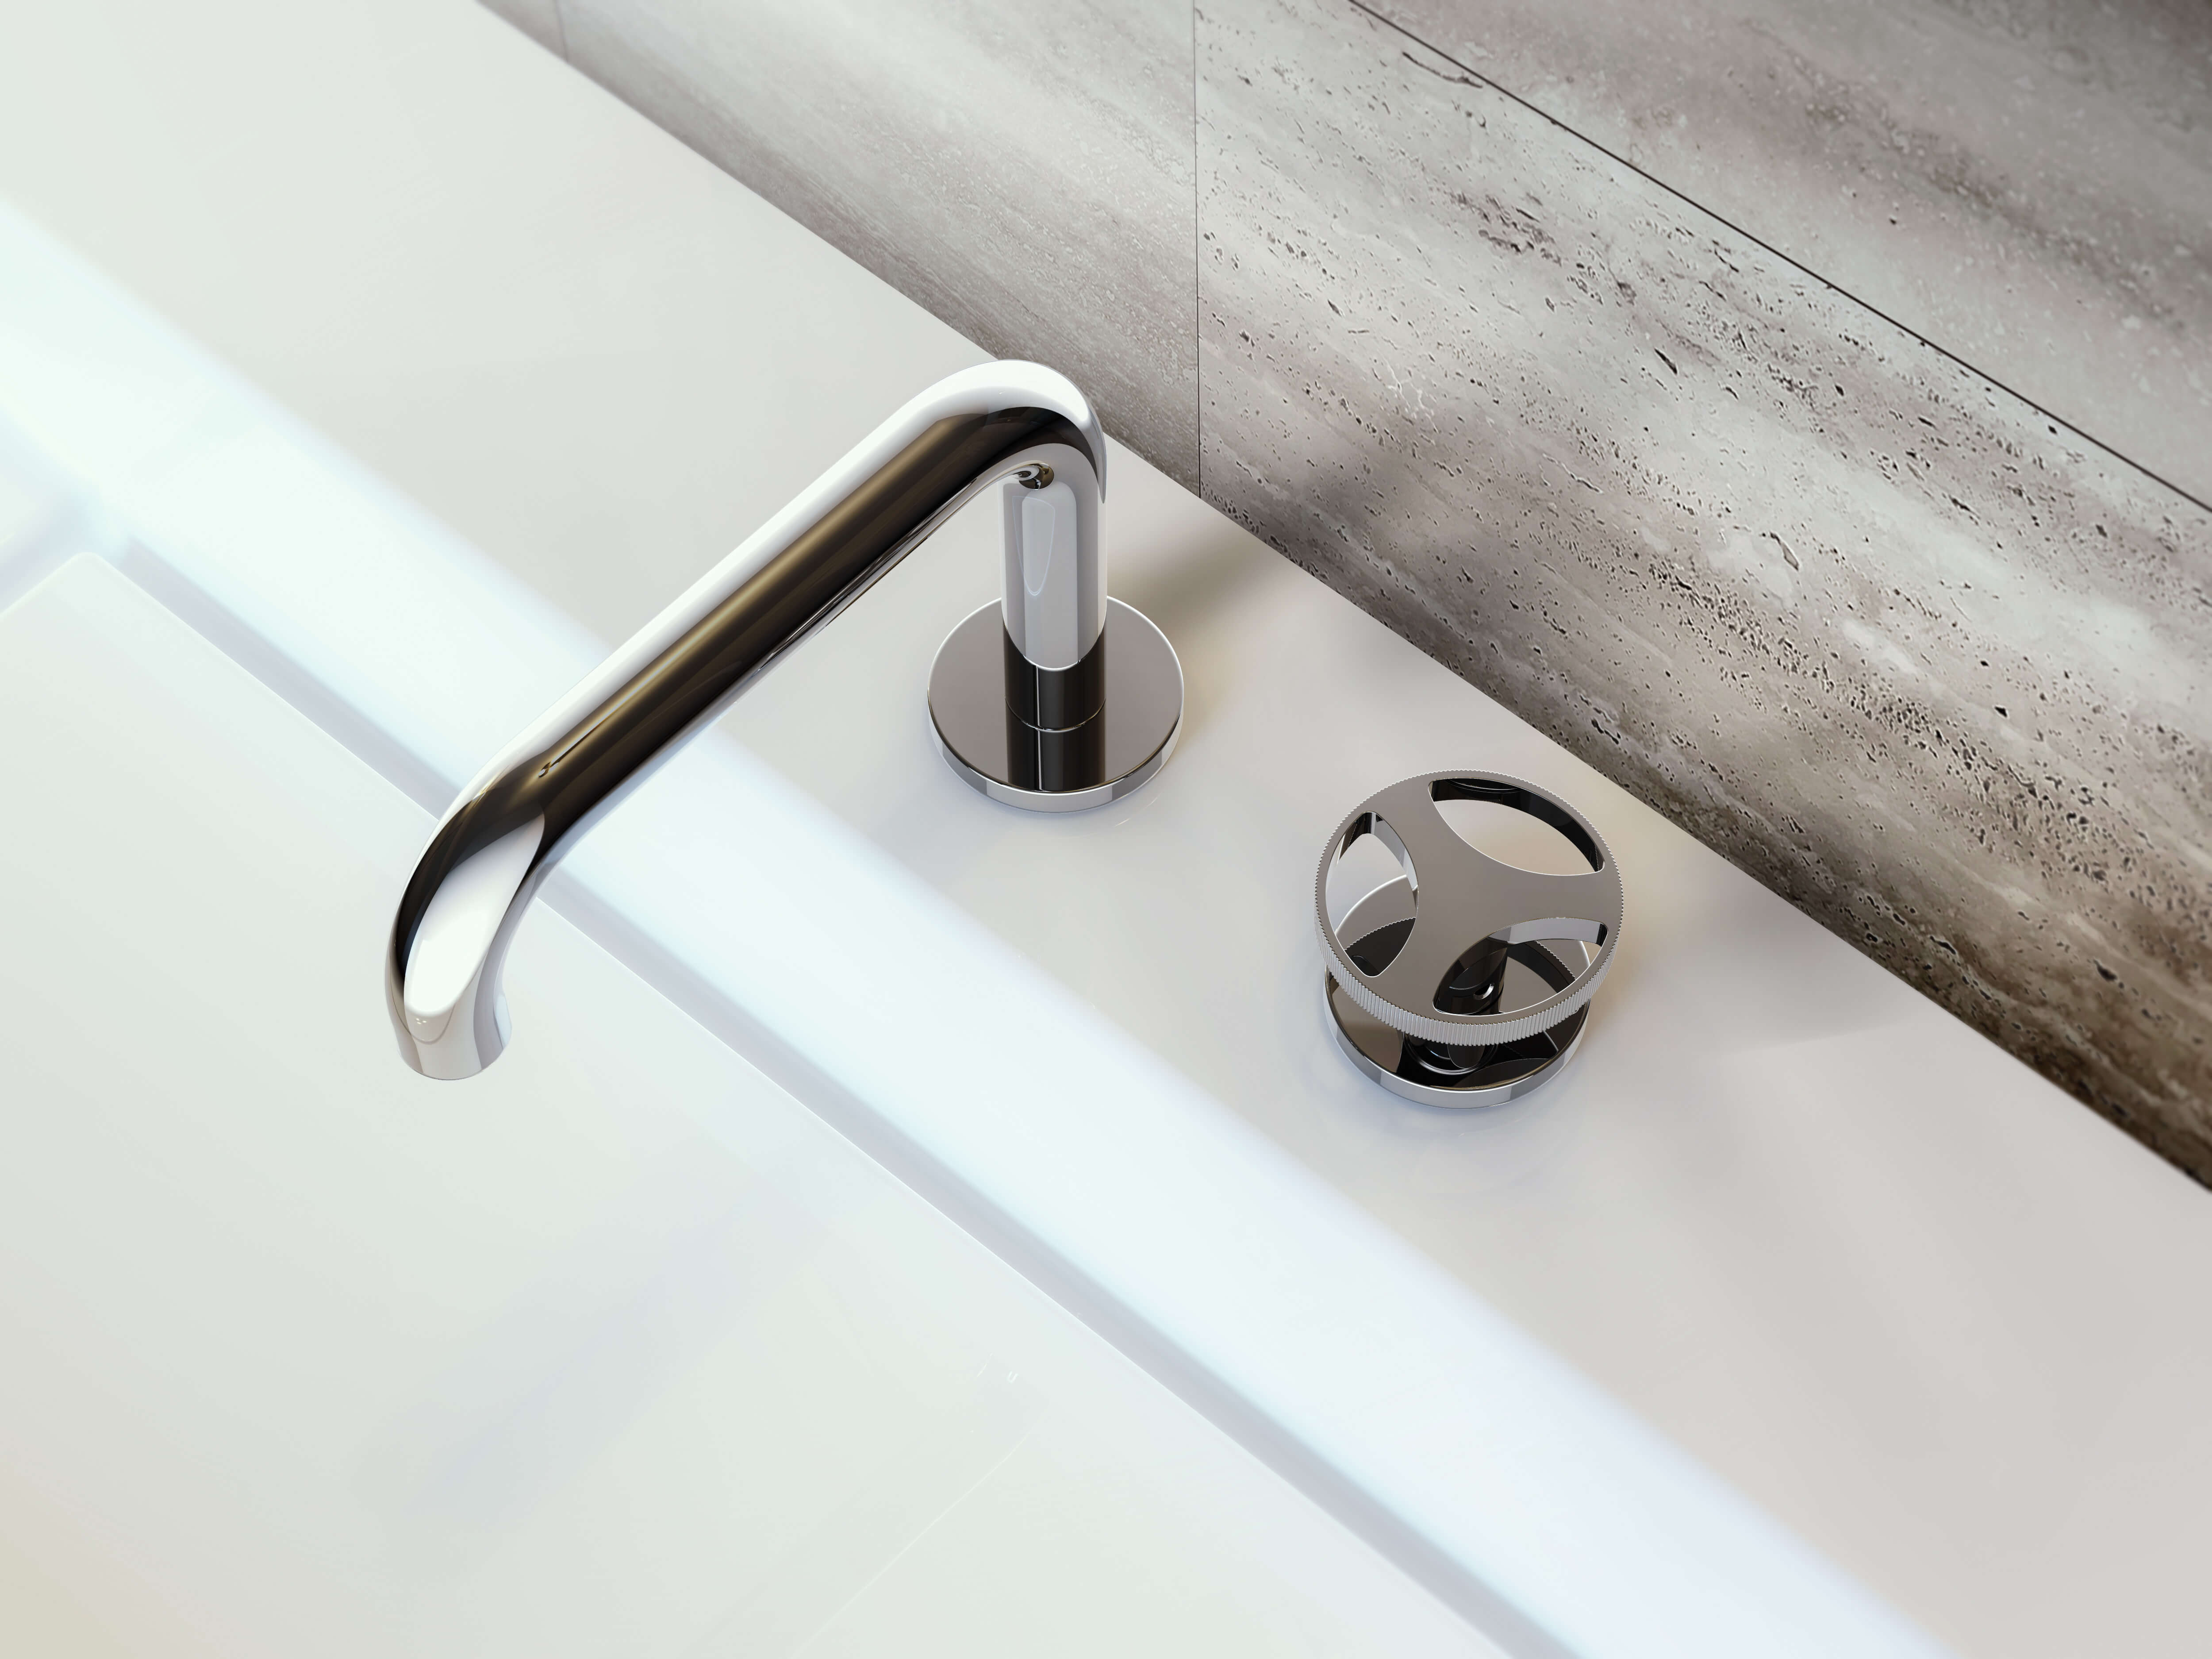 Der Griff, eine elegante Neuinterpretation der industriellen und mechanischen Form des Lenkrads, verleiht der Serie ihre Einzigartigkeit. Sie verbindet modernes Hightech mit klassischem Industriecharakter und wird so zum einzigartigen Eyecatcher im Badezimmer.